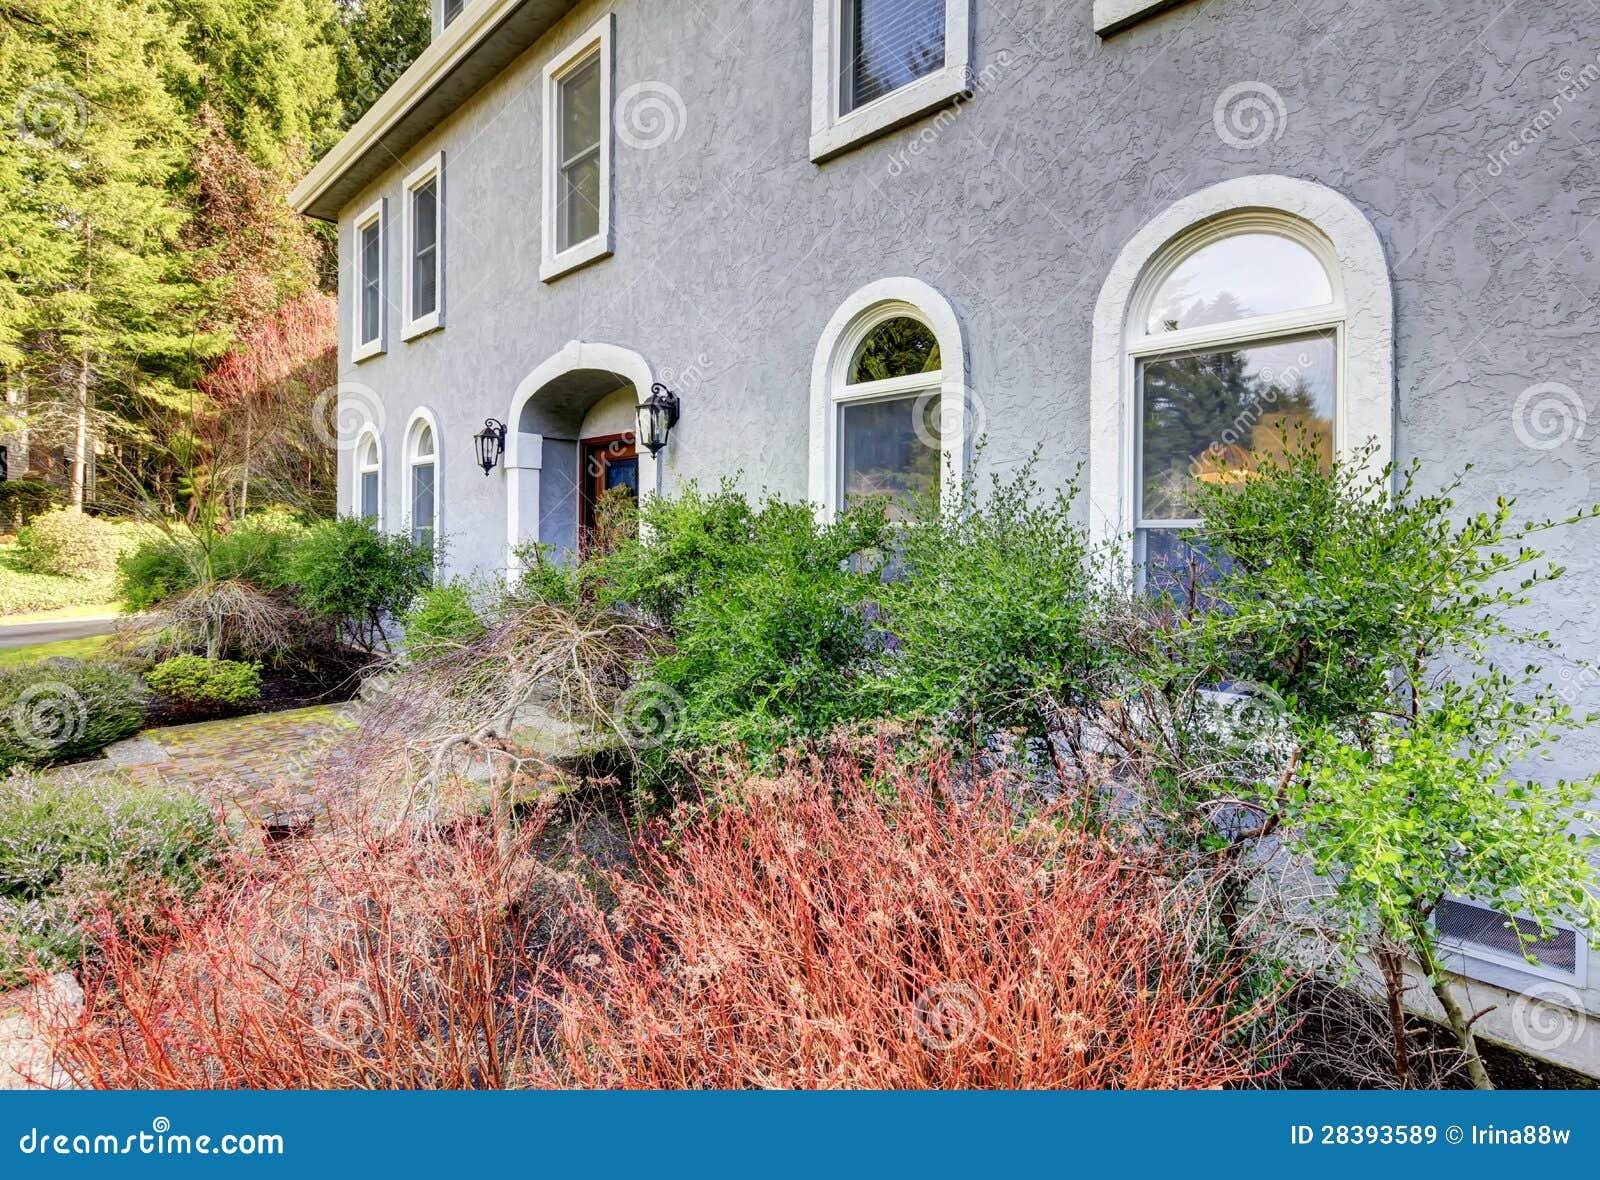 Huis buiten van groot grijs klassiek huis met vele smalle vensters royalty vrije stock - Huis van kind buiten ...